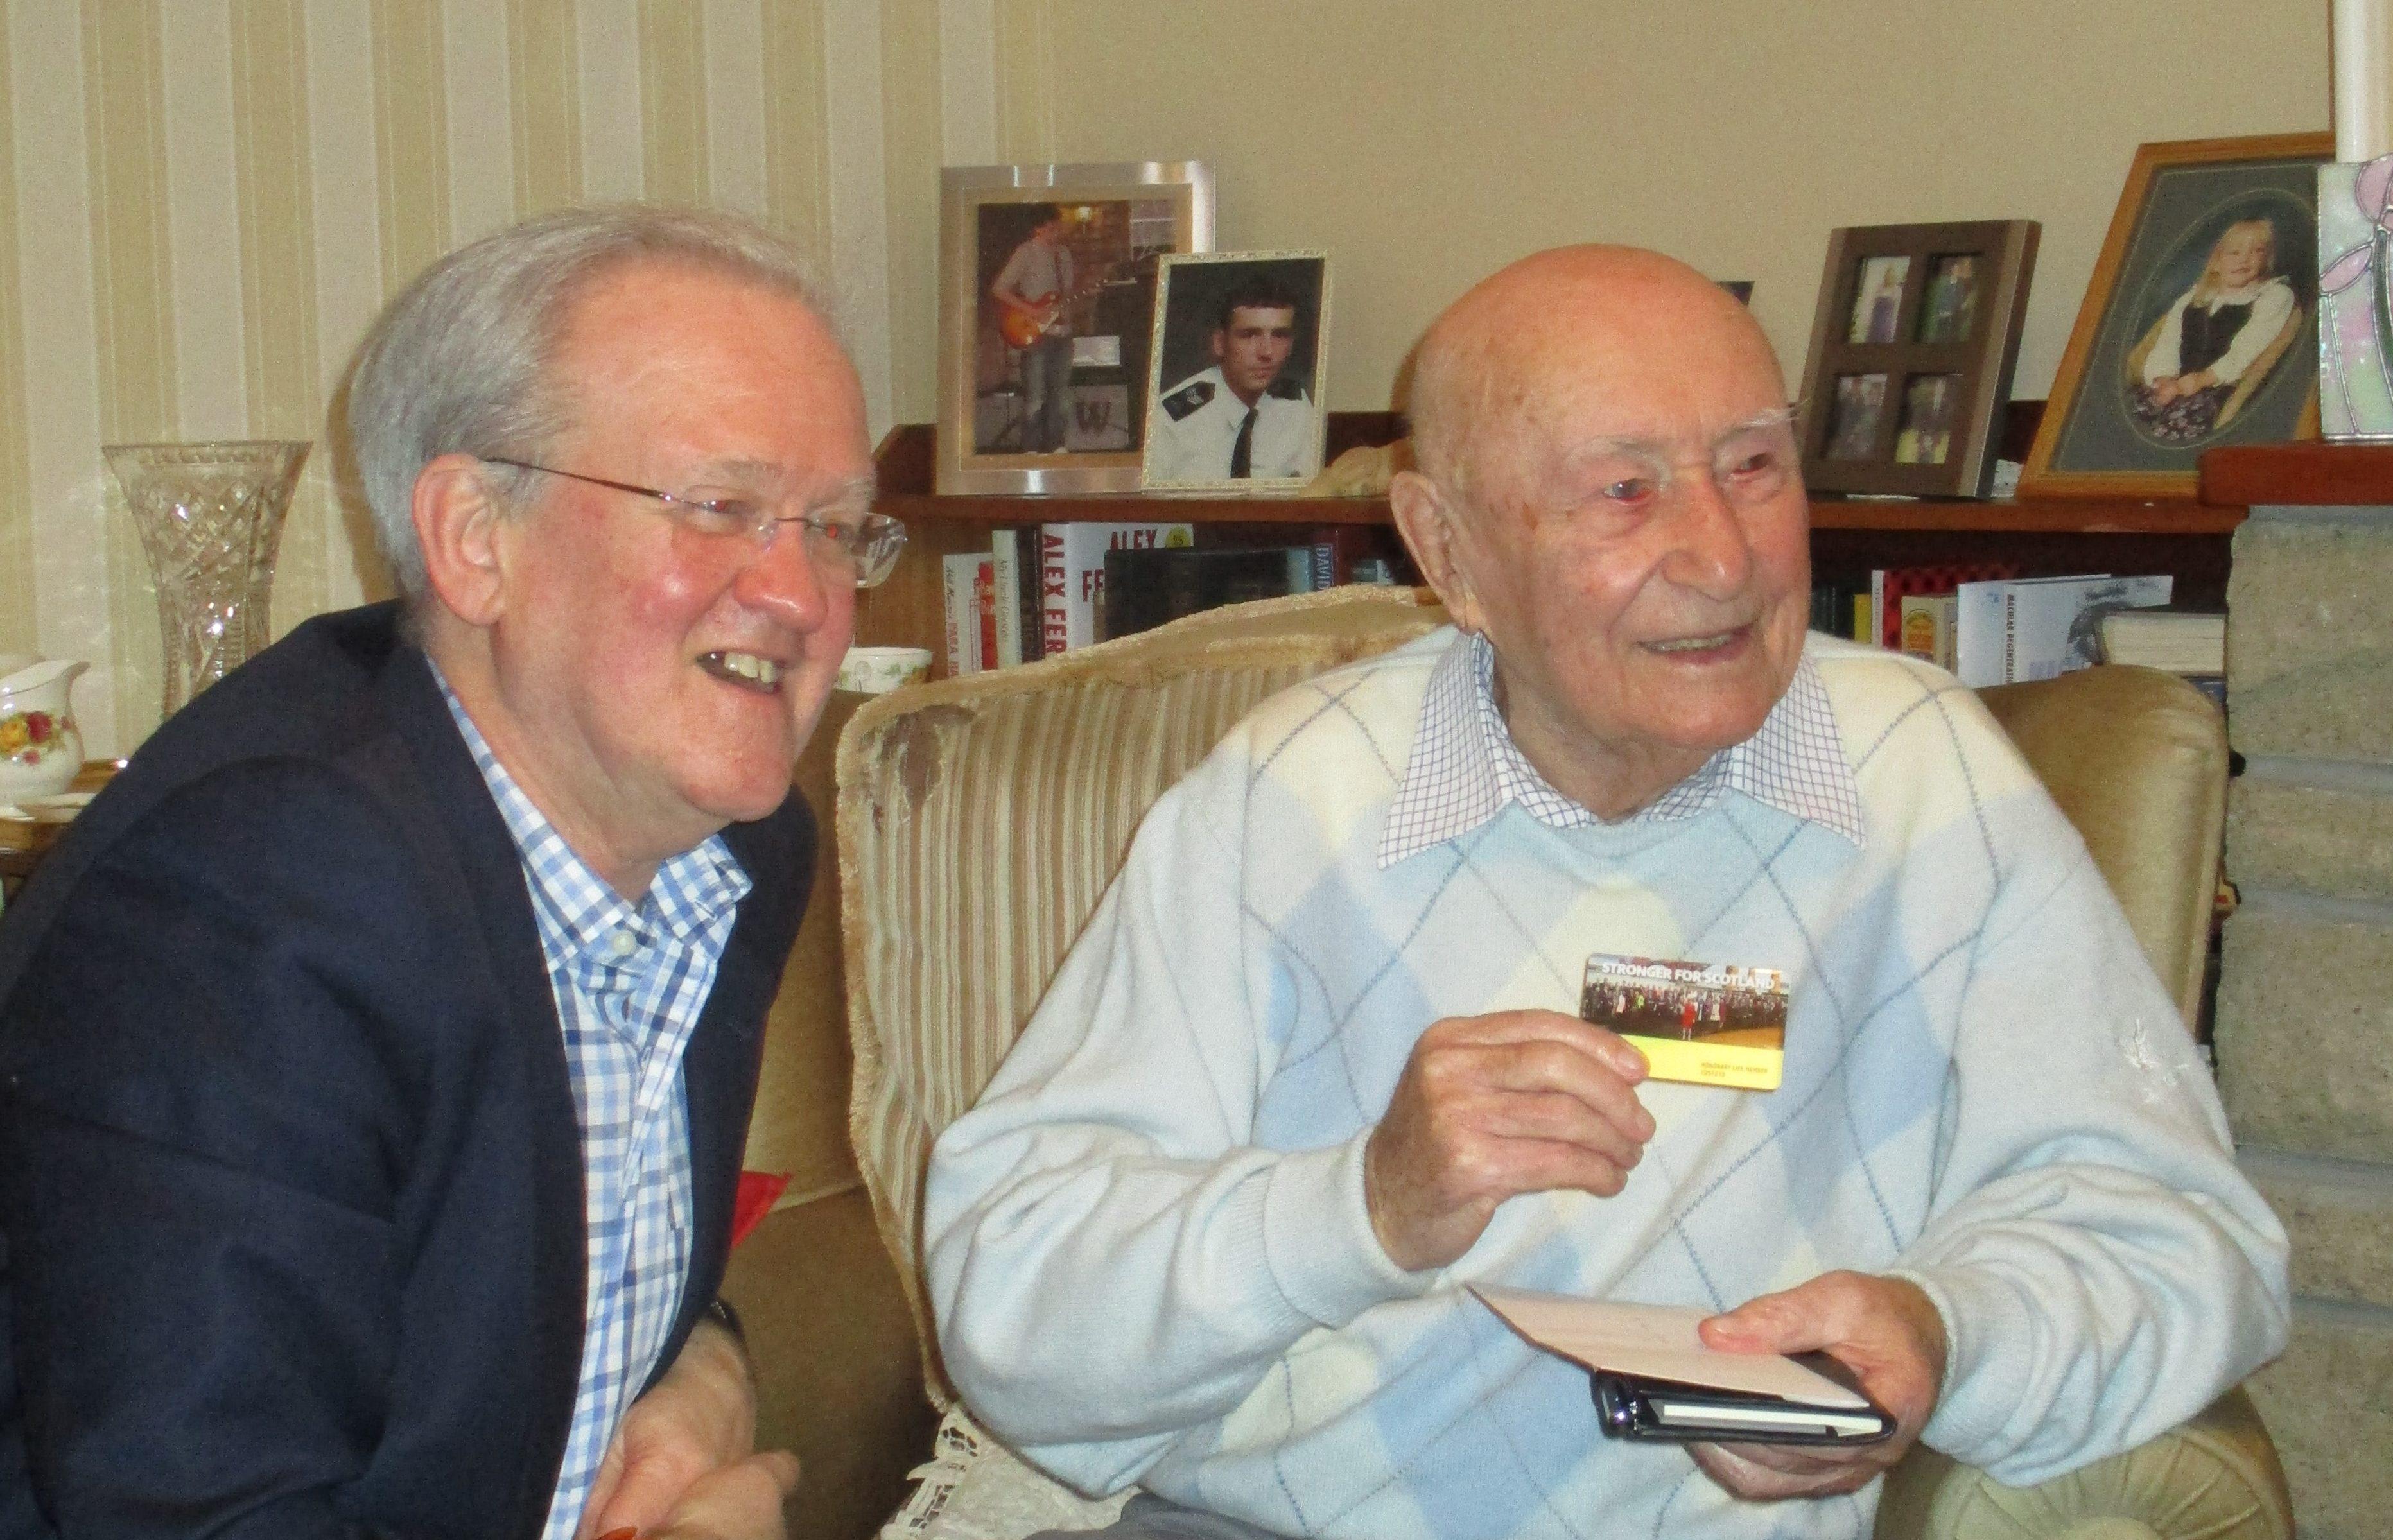 Stewart Stevenson with Bob Ritchie